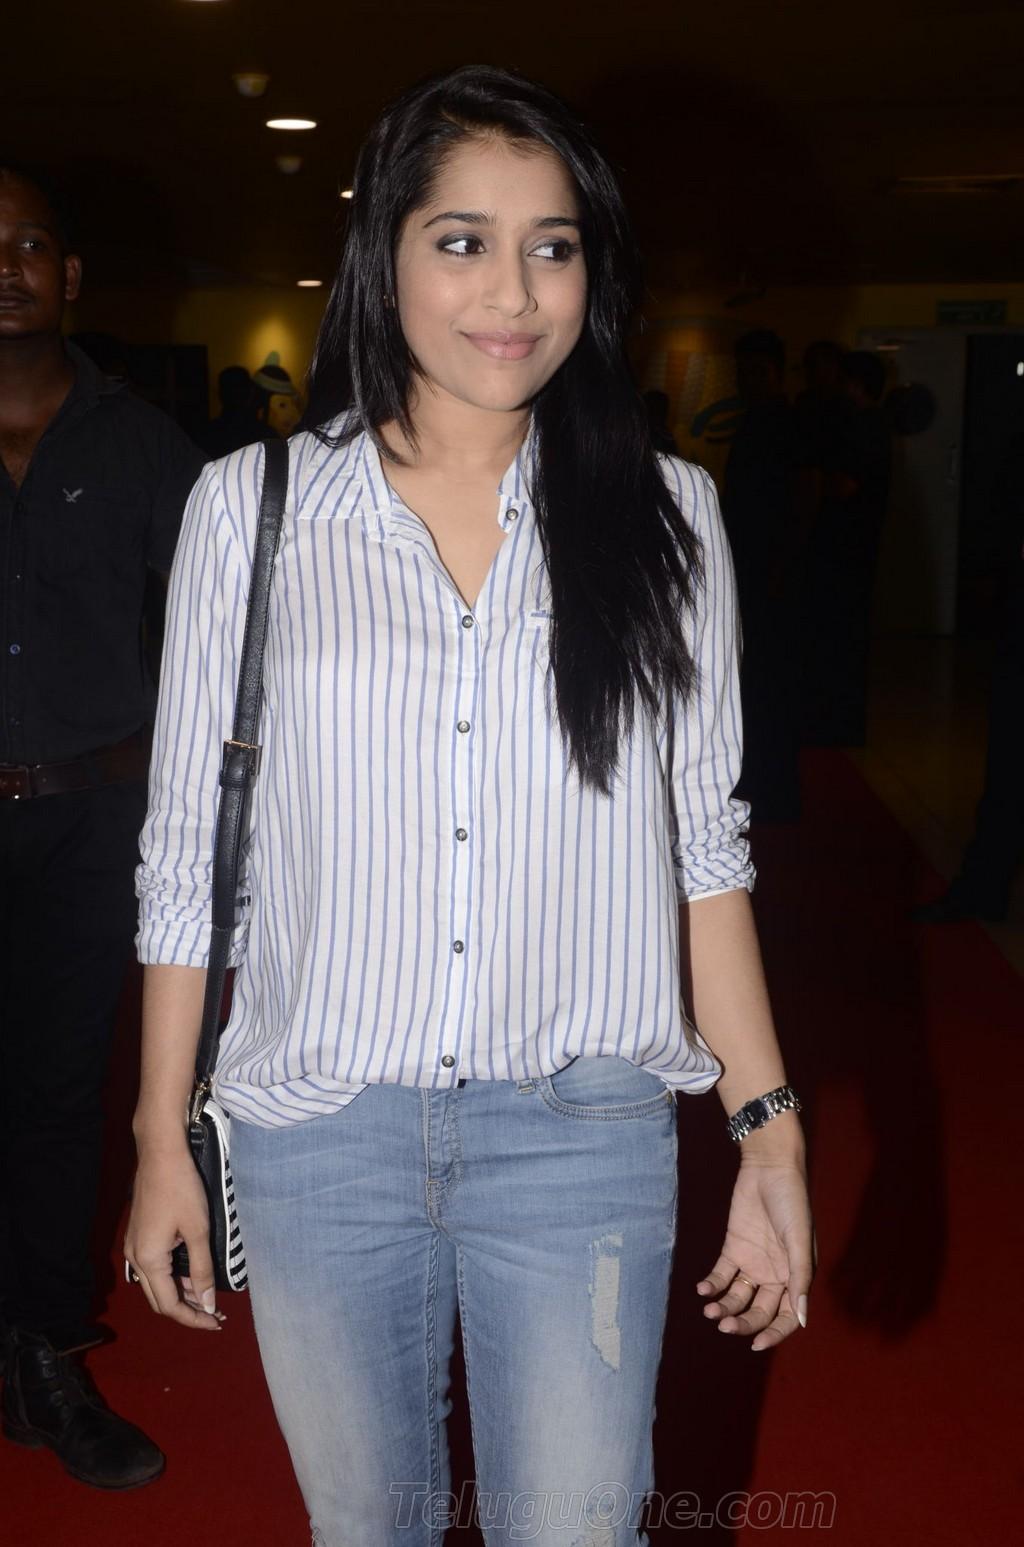 Telugu Movie News|Telugu Movie Reviews|Telugu Movie Gossips|Telugu ...